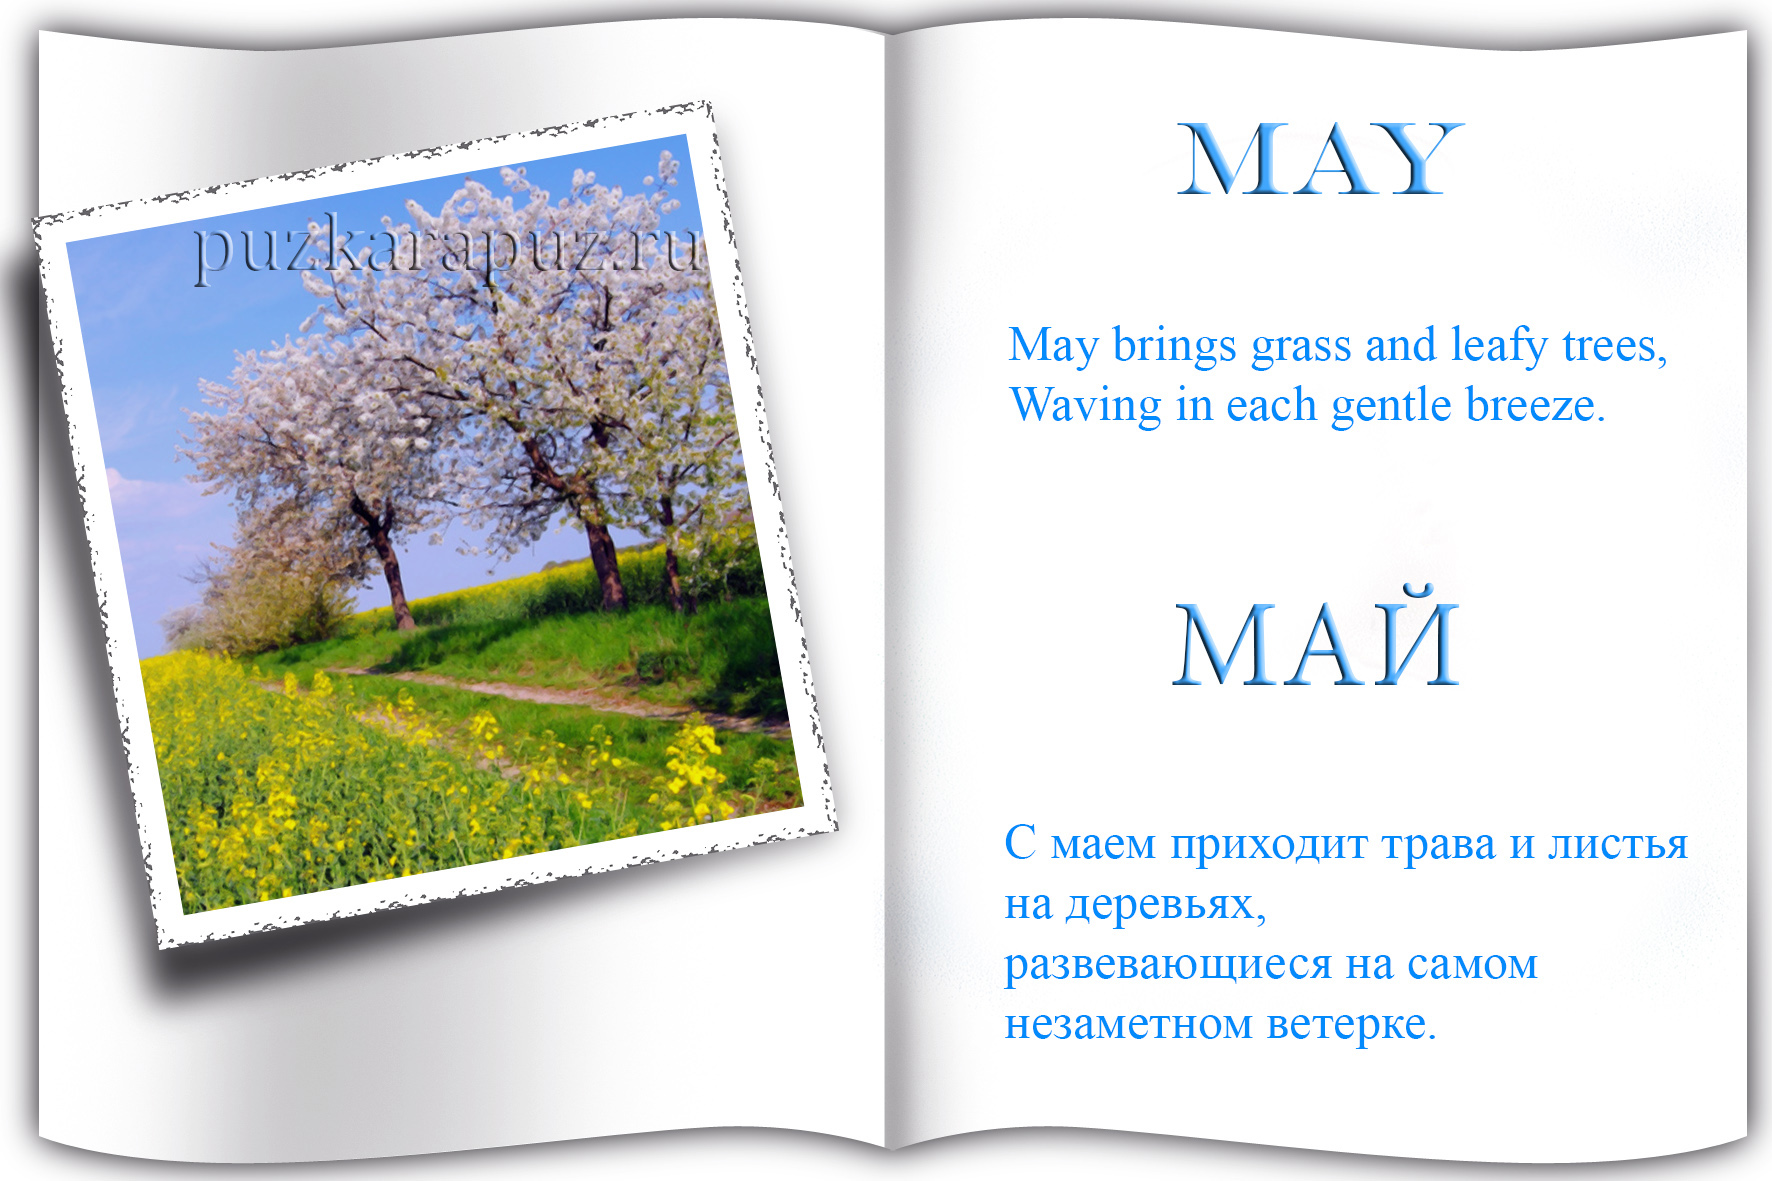 вдохновили вас стихи на английском 4 класс про весну украинский